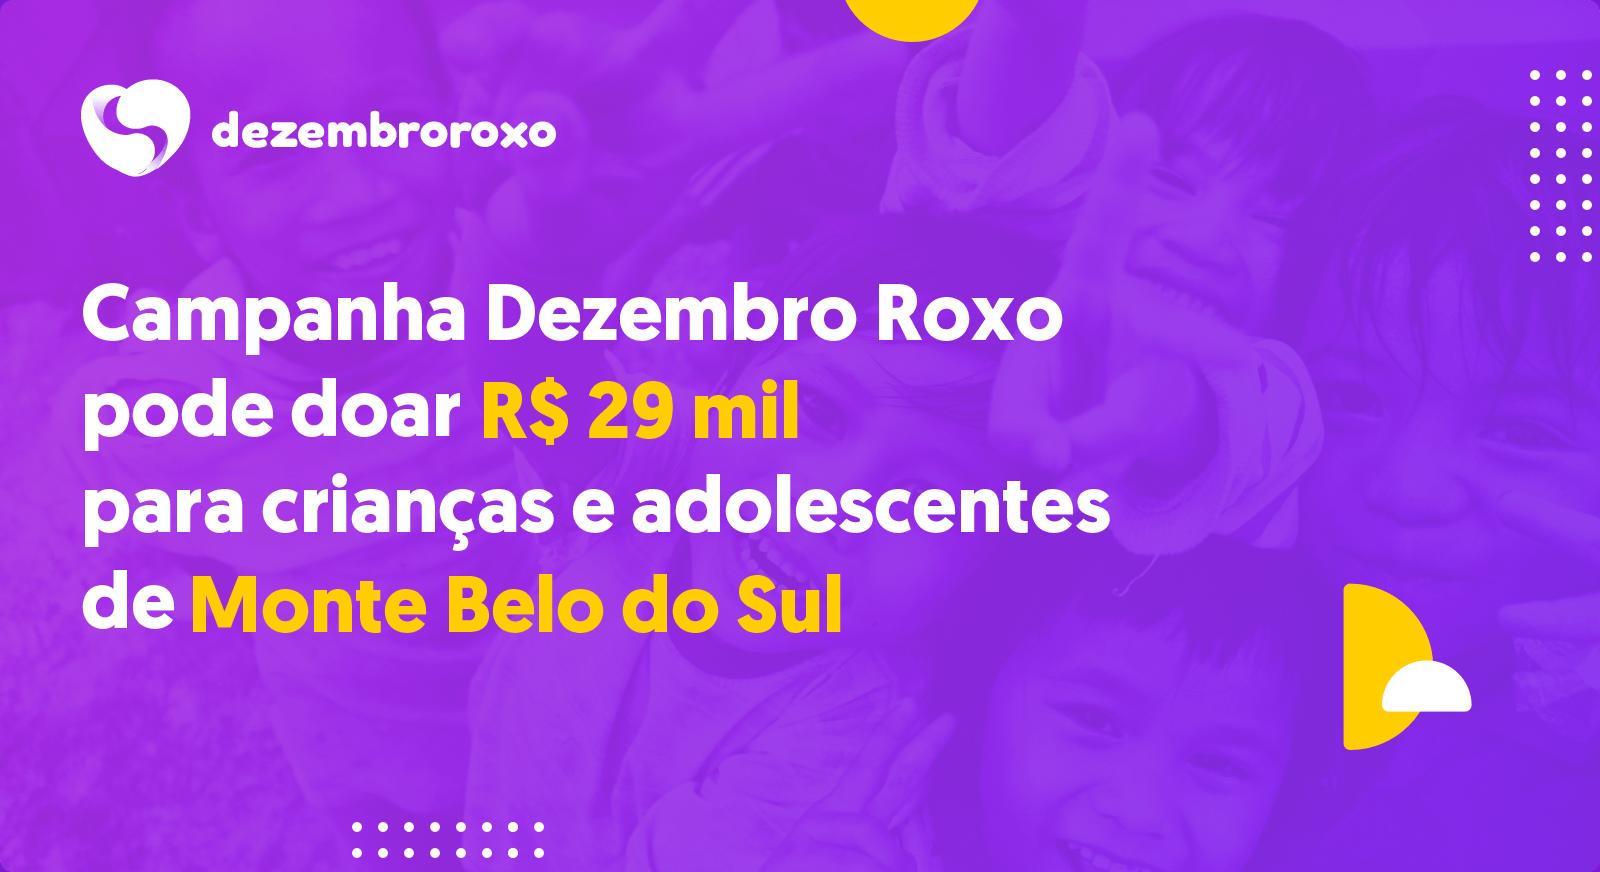 Doações em Monte Belo do Sul - RS